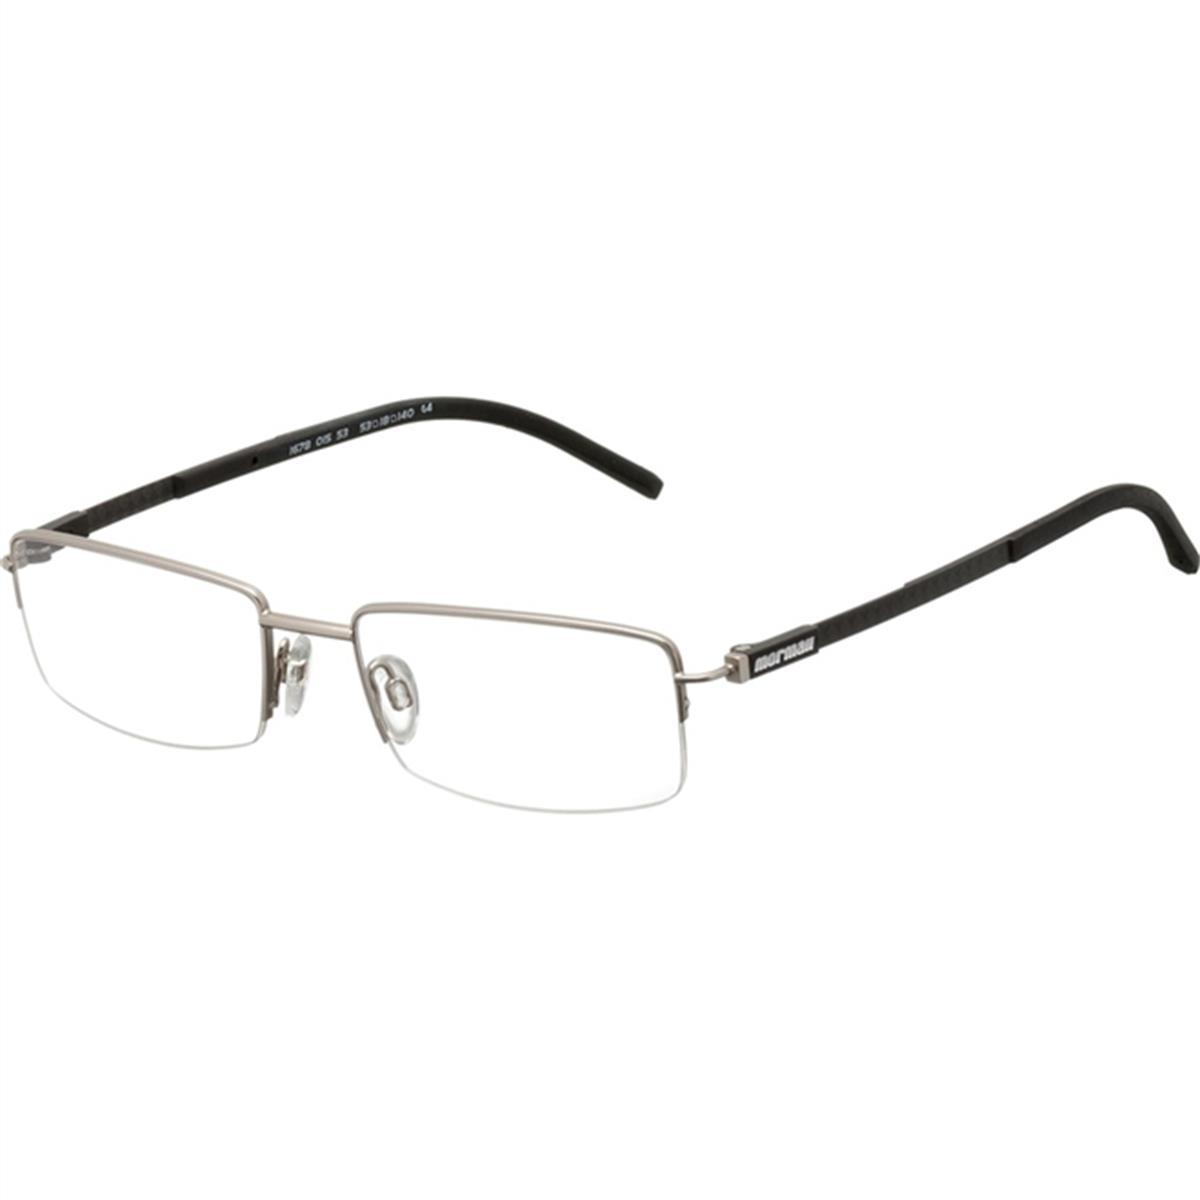 30b00b134314f Armação para Óculos Prata e Preto Titanium MO1678 Mormaii